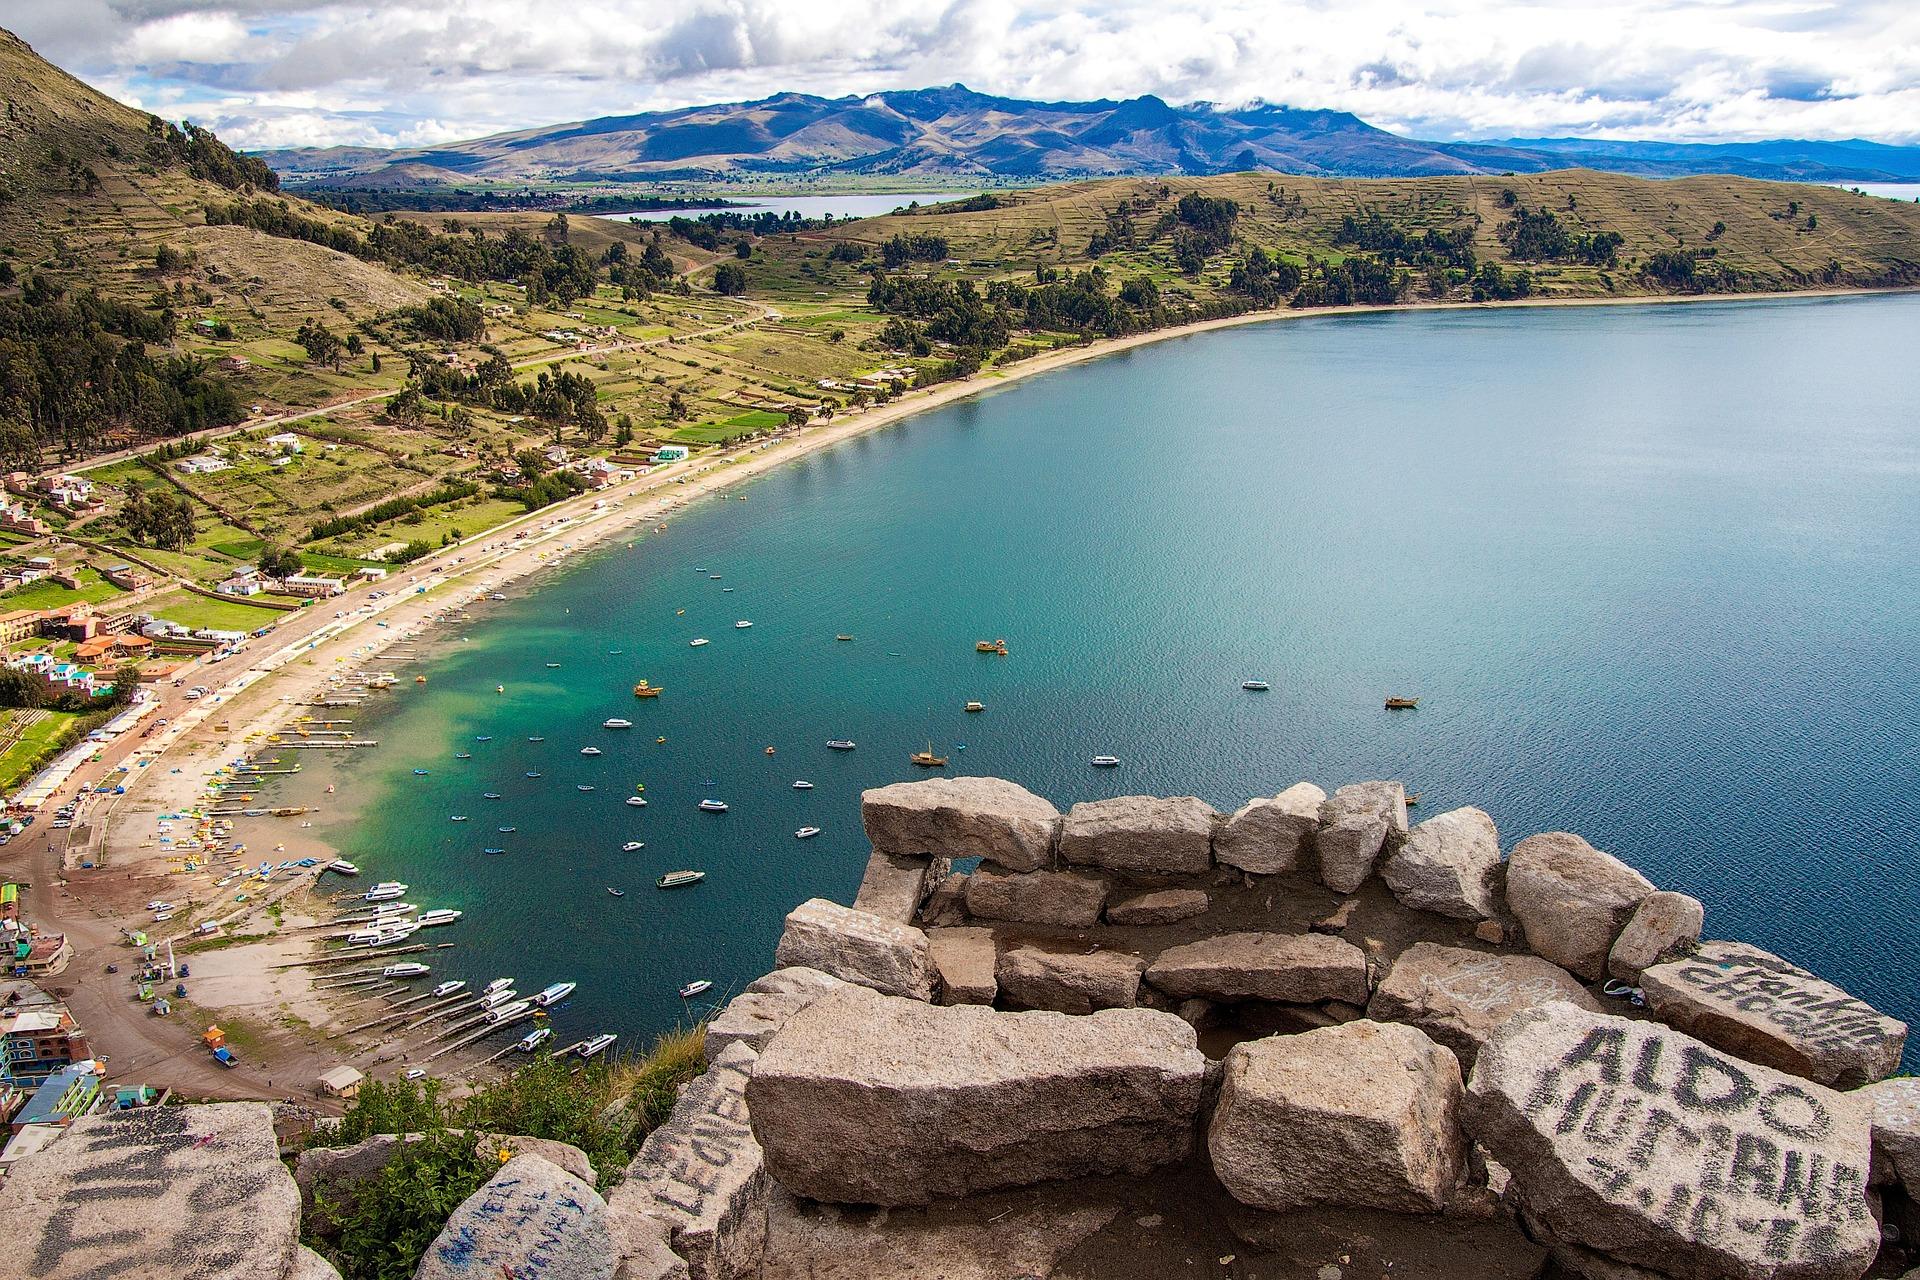 La plage de Copacabana sur le lac Titicaca